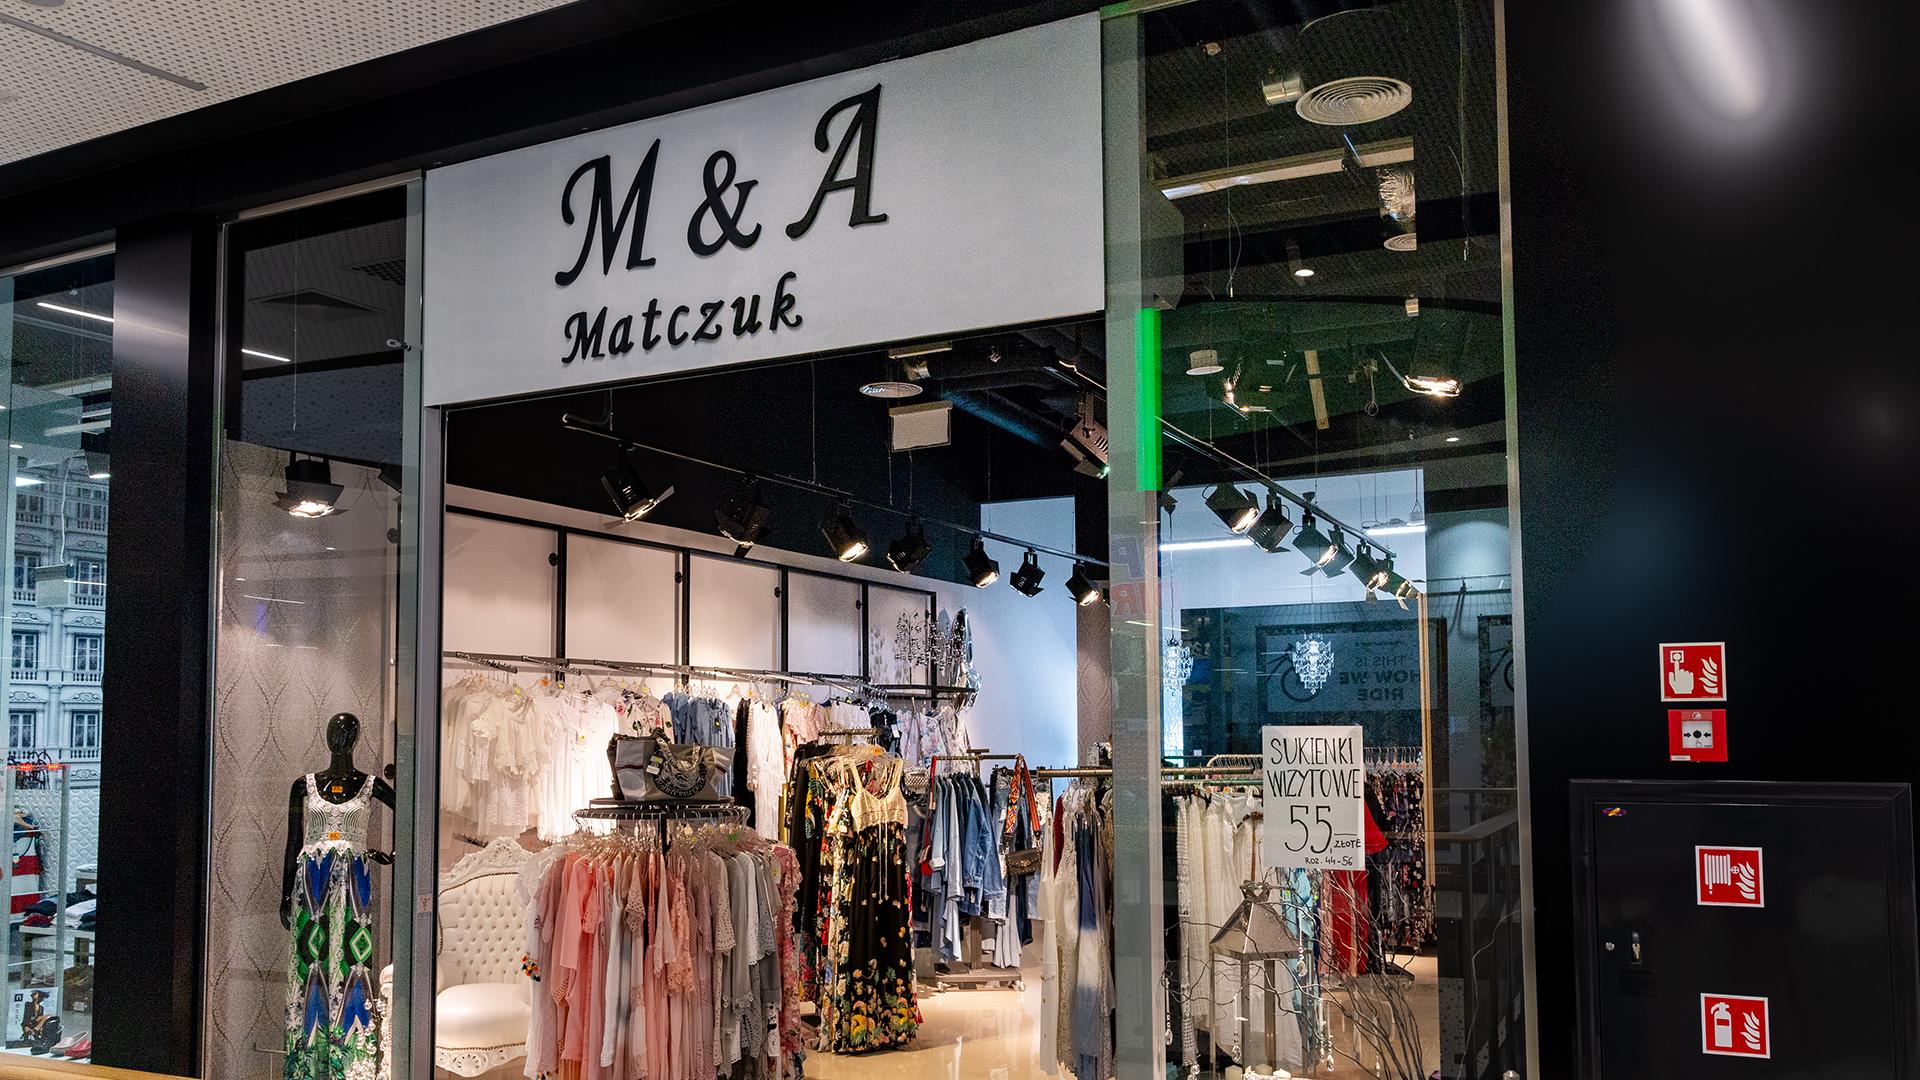 M&A Matczuk